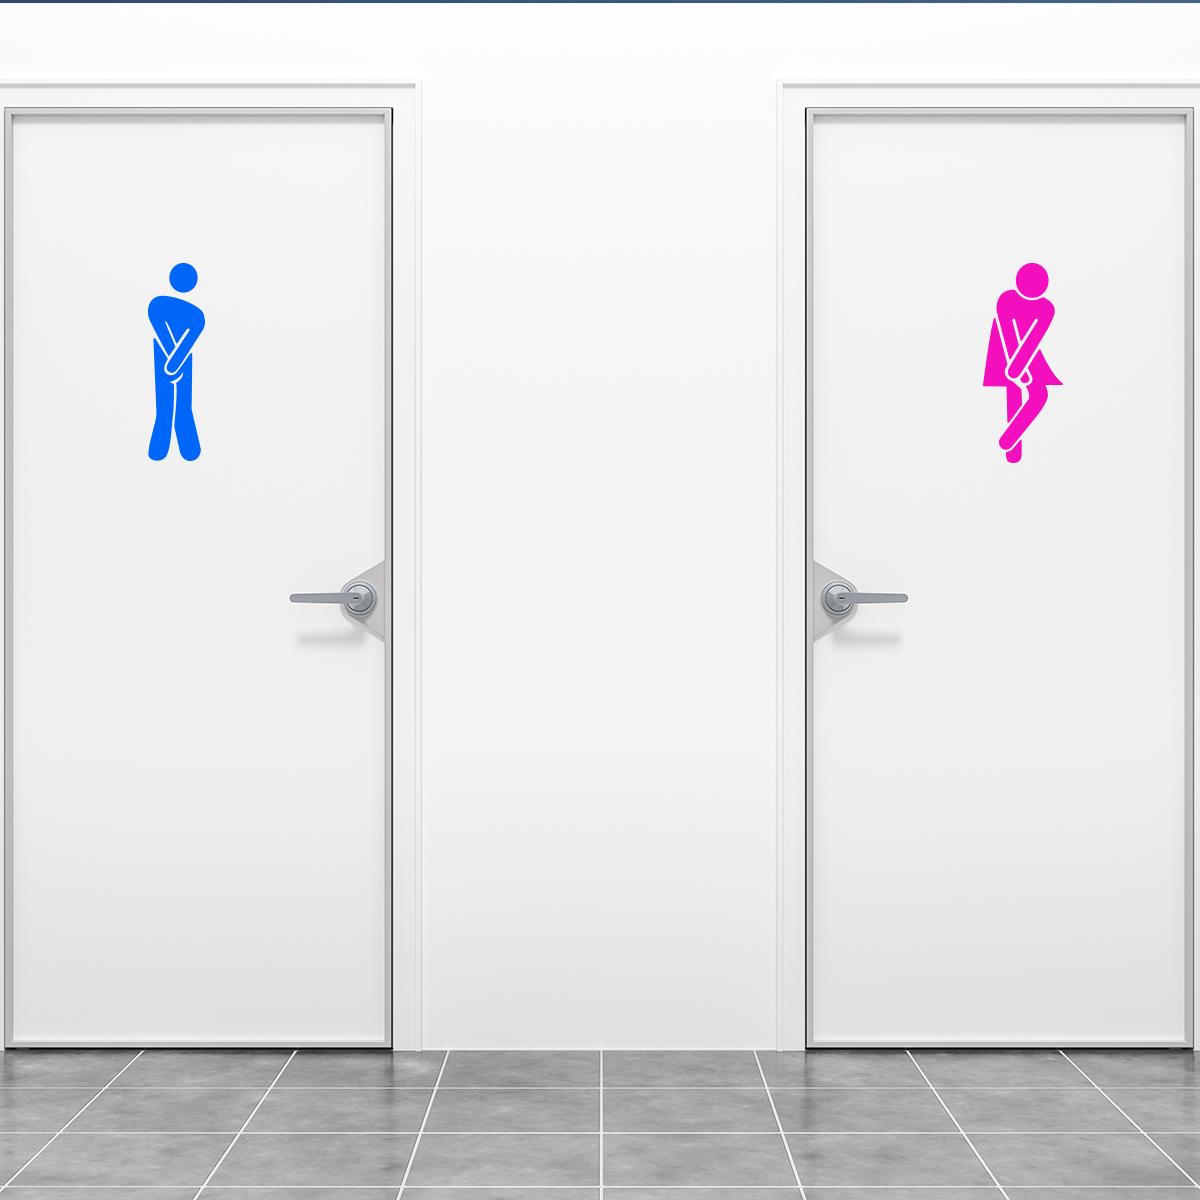 Sticker porte toilettes homme bleu et femme rose  Stickers SALLE DE BAIN ET WC Toilettes